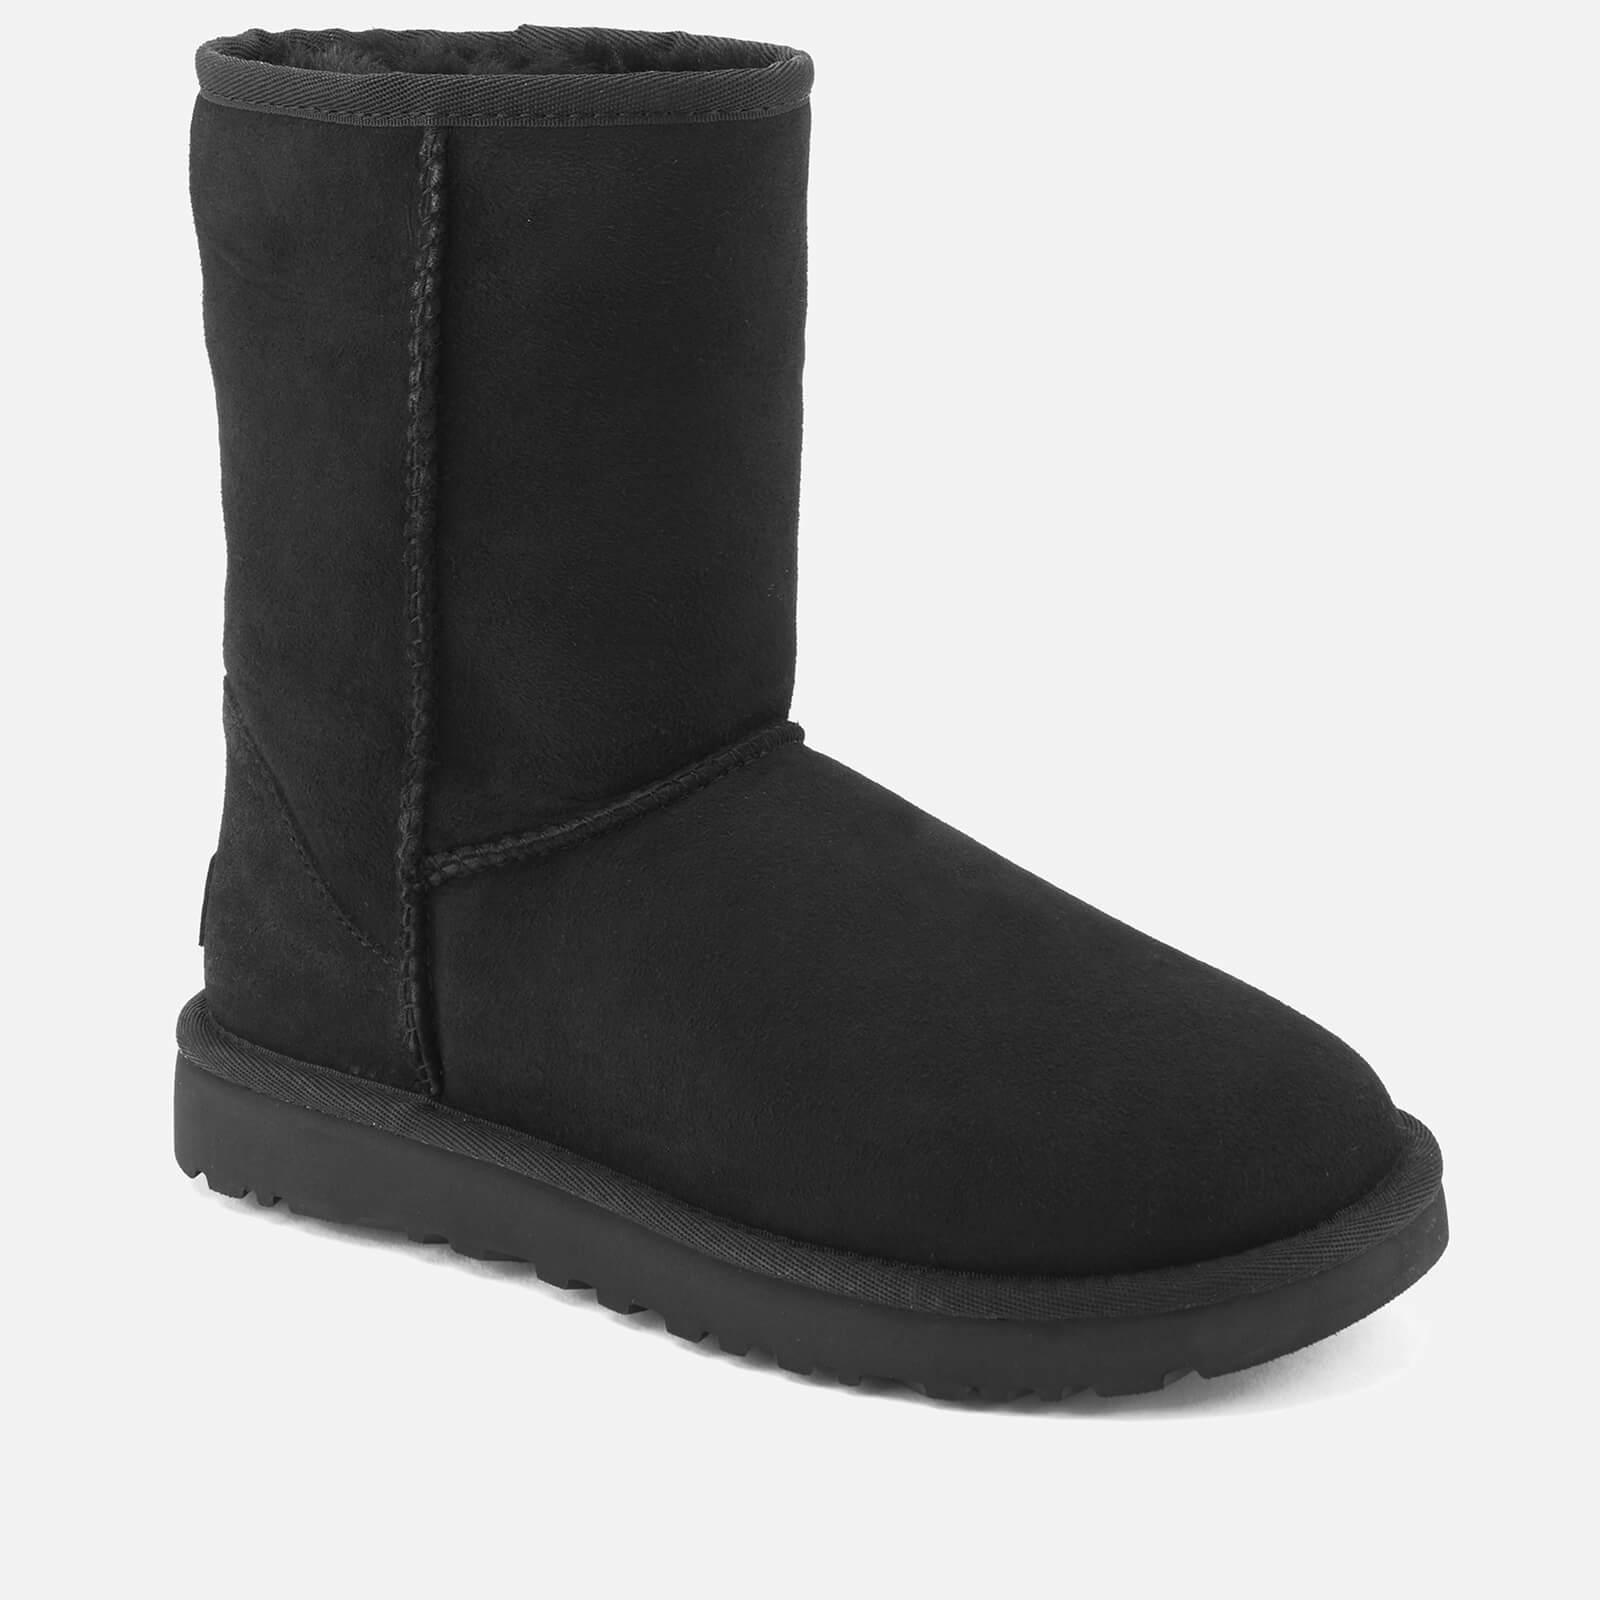 UGG Women's Classic Short II Sheepskin Boots - Black